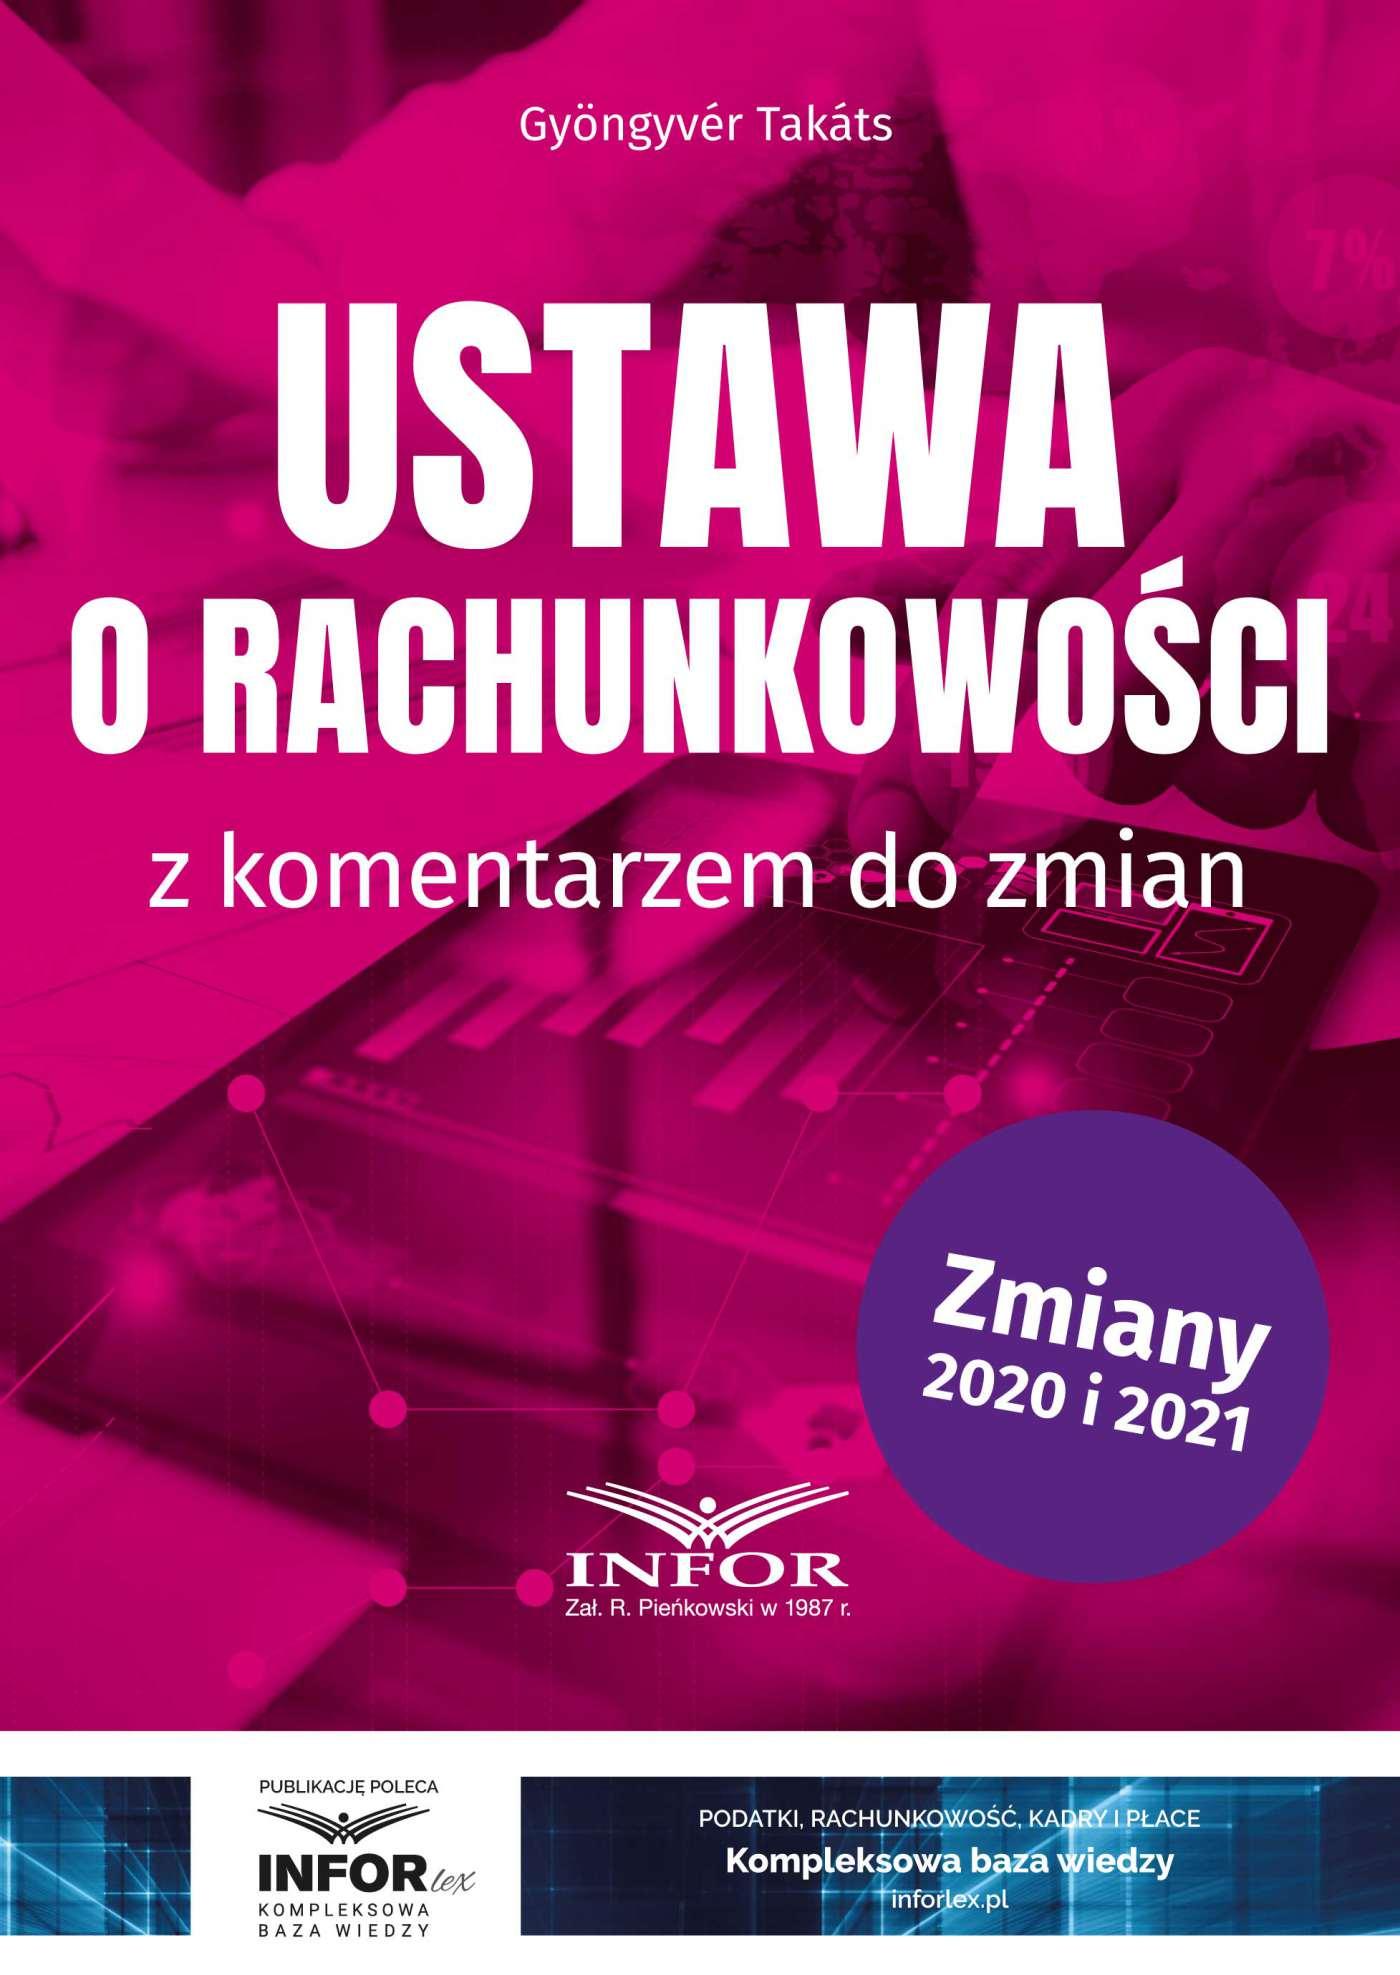 Ustawa o rachunkowości z komentarzem do zmian - Ebook (Książka PDF) do pobrania w formacie PDF